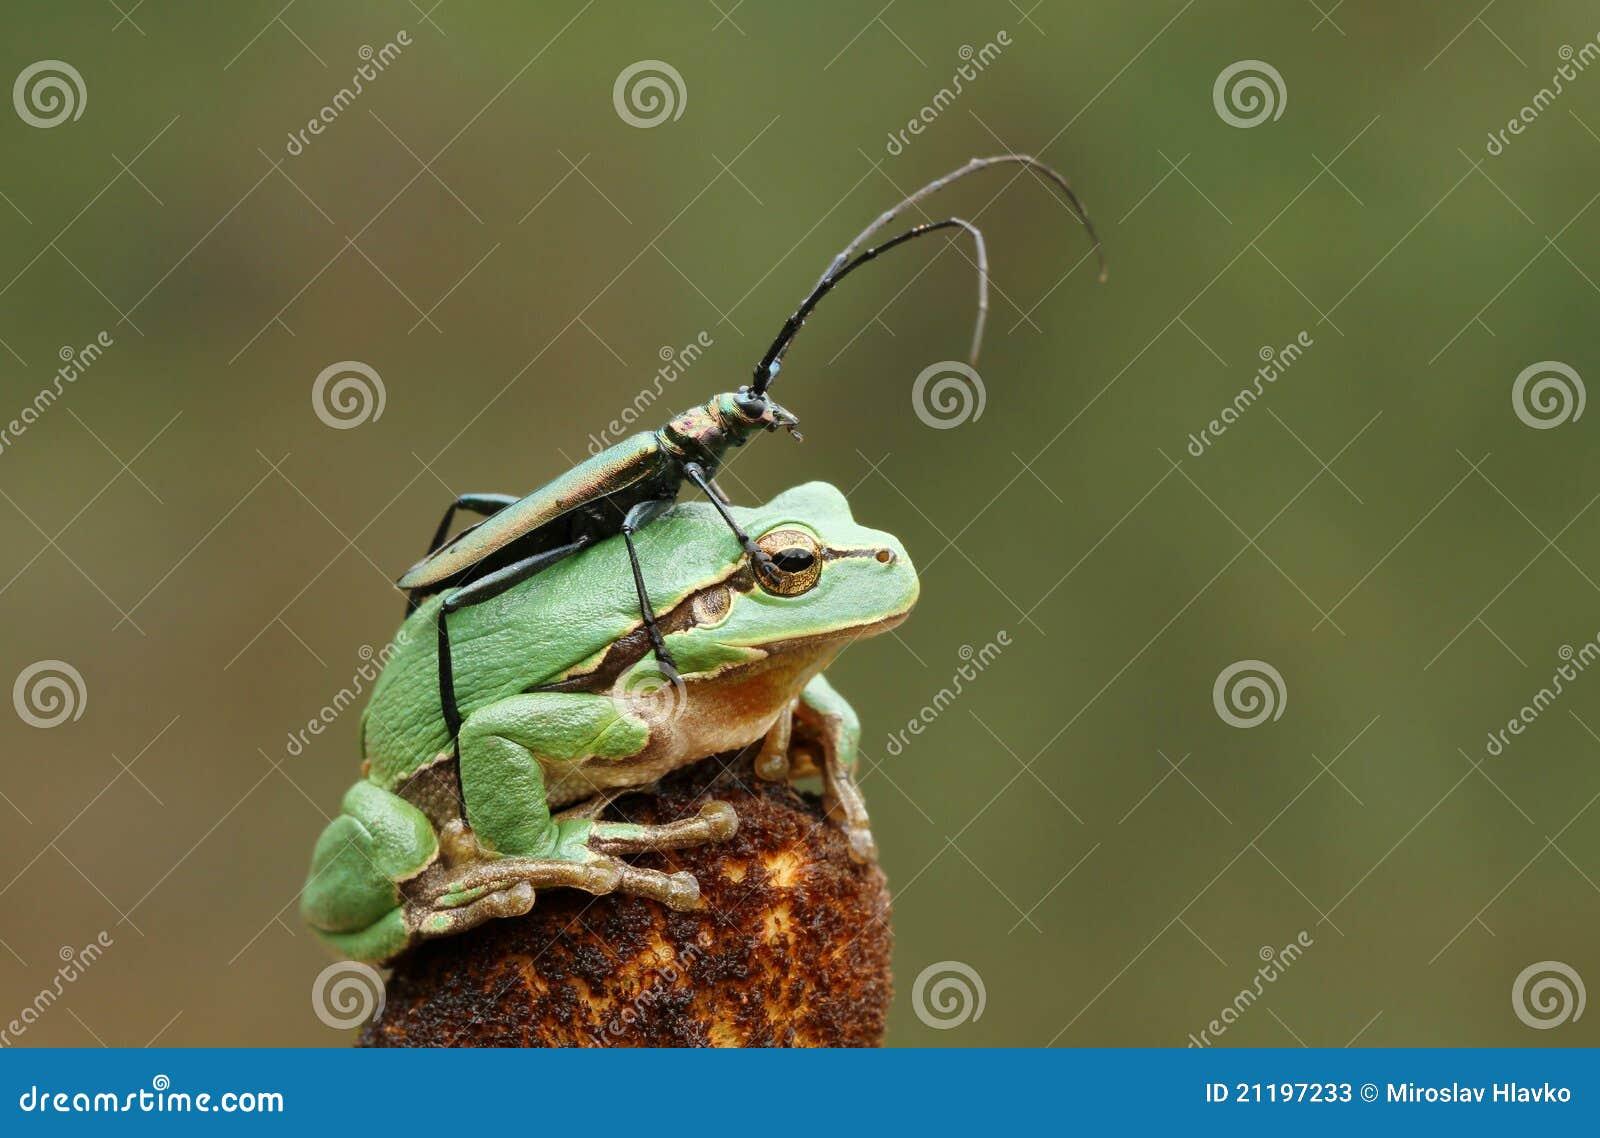 Longhorn beetle on tree frog